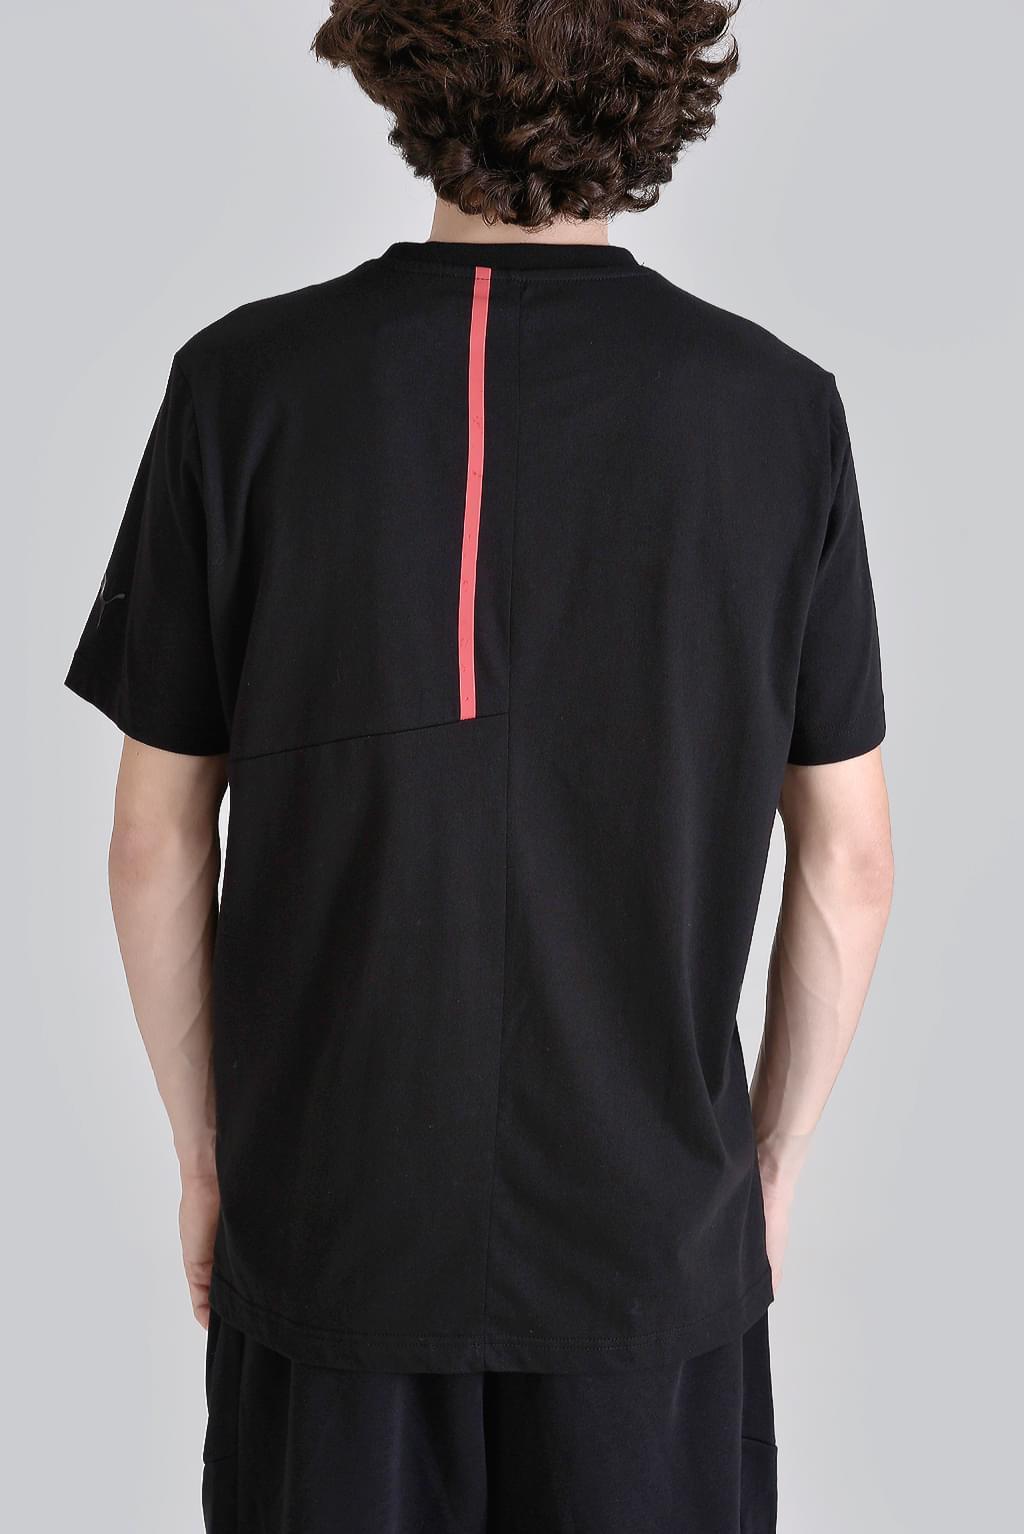 12af7ef919f0 Playersroom | férfi rövid ujjú t-shirt | Playersroom.hu